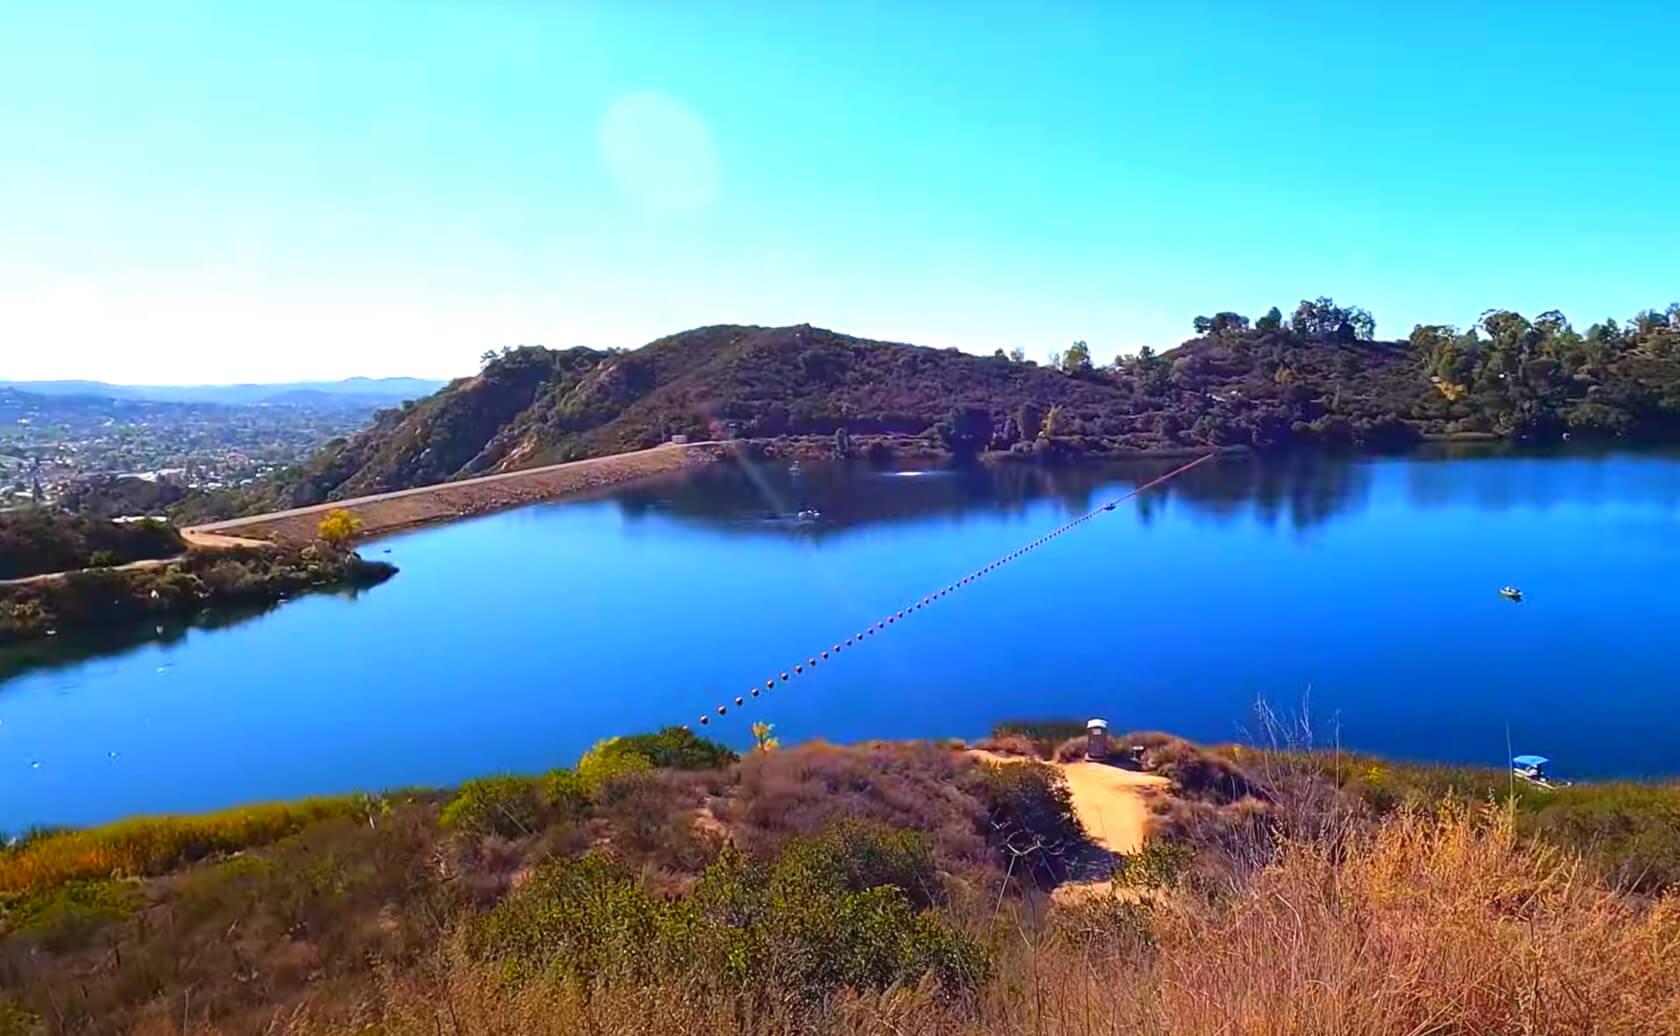 Dixon-Lake-Reservoir-Fishing-Guide-Report-CA-05